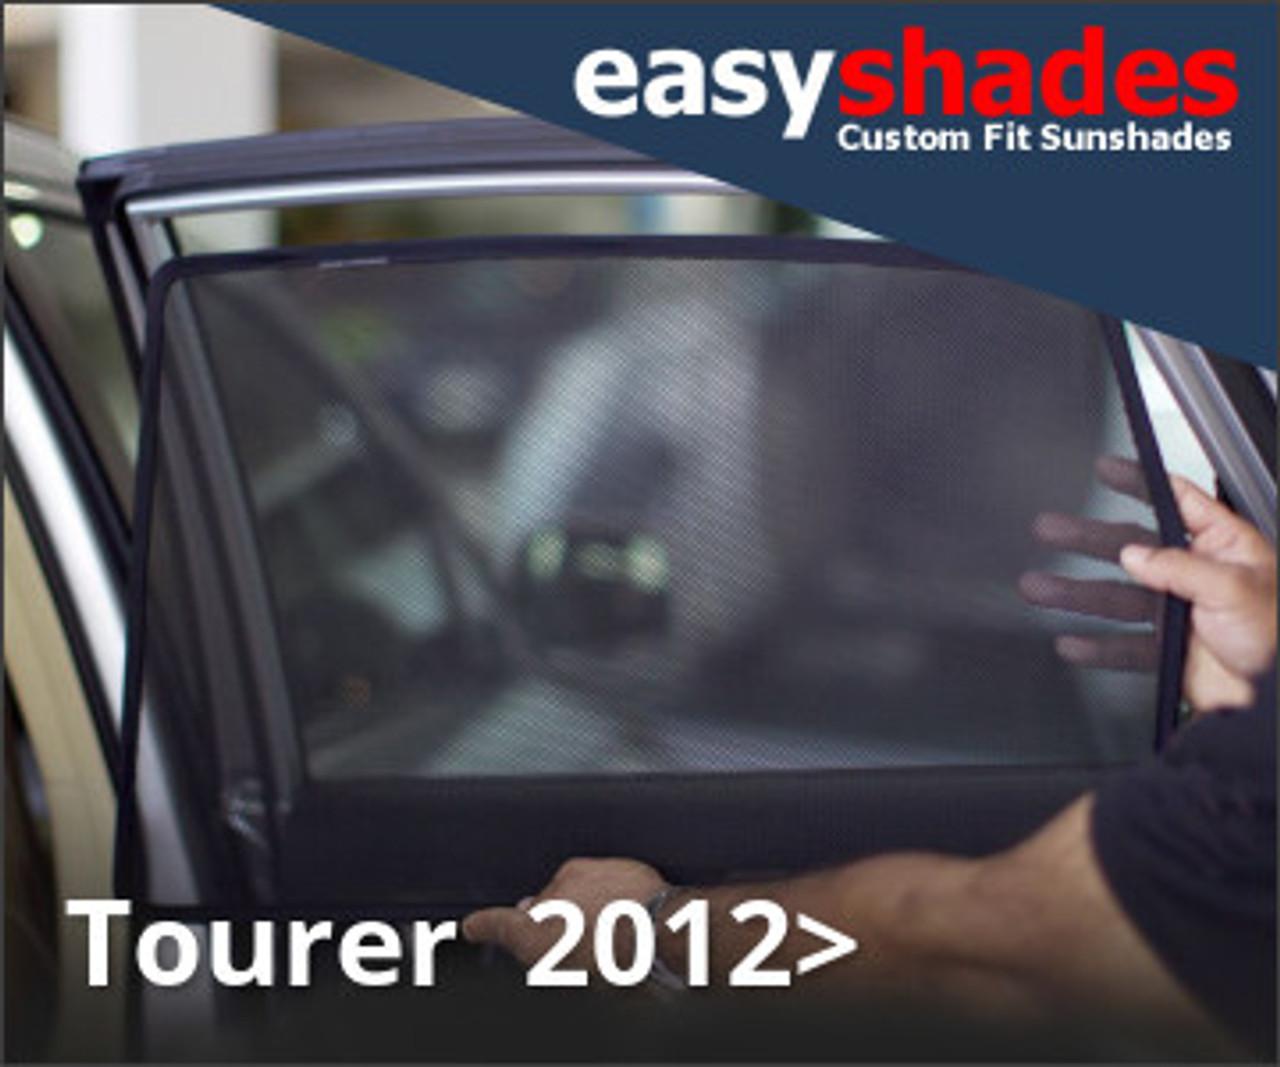 Tourer 2012>